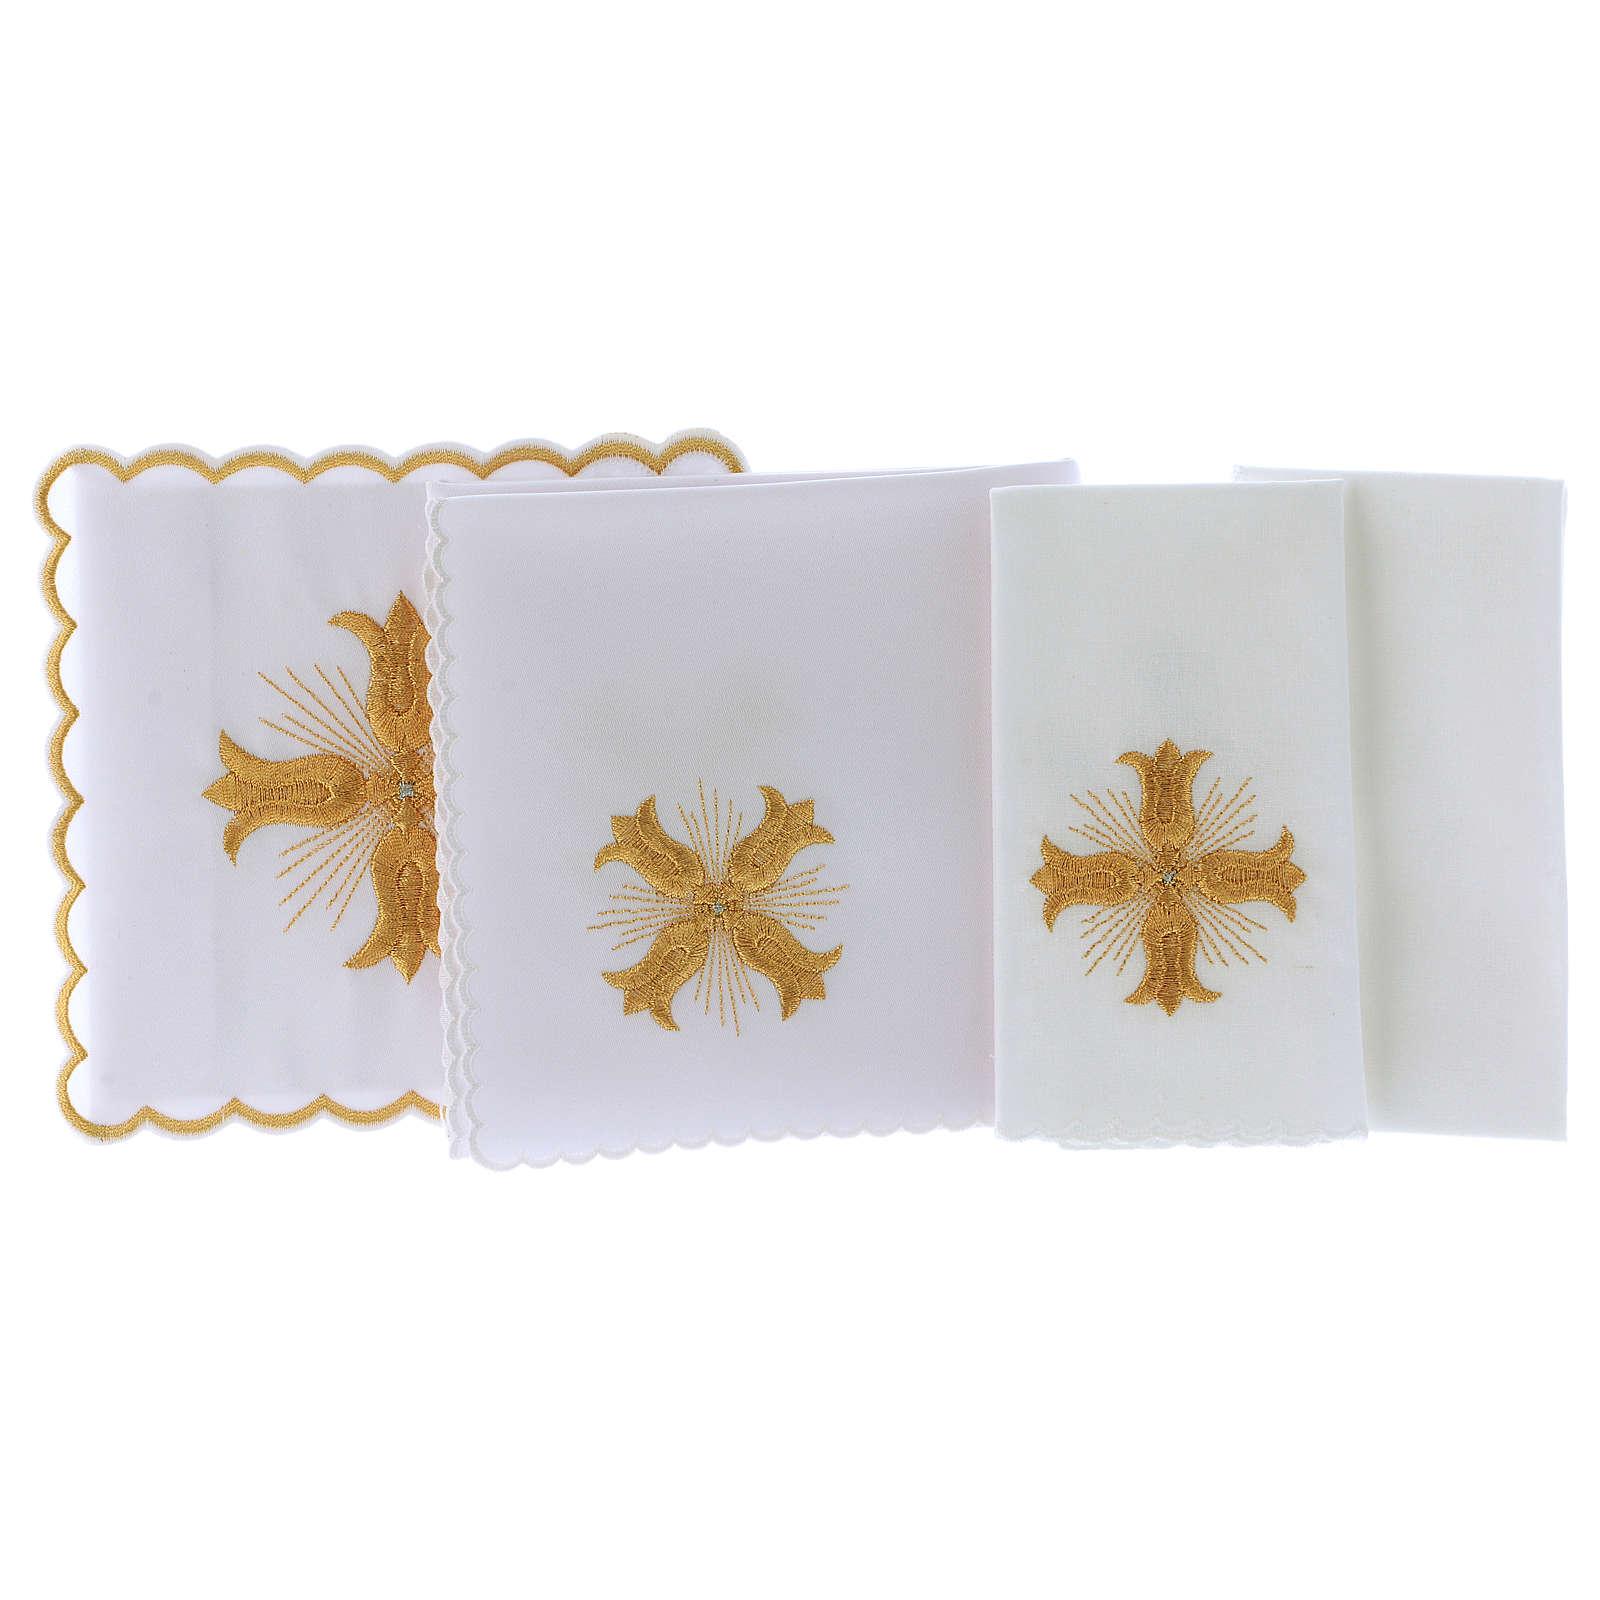 Servizio da altare cotone croce dorata stile barocco con raggi 4